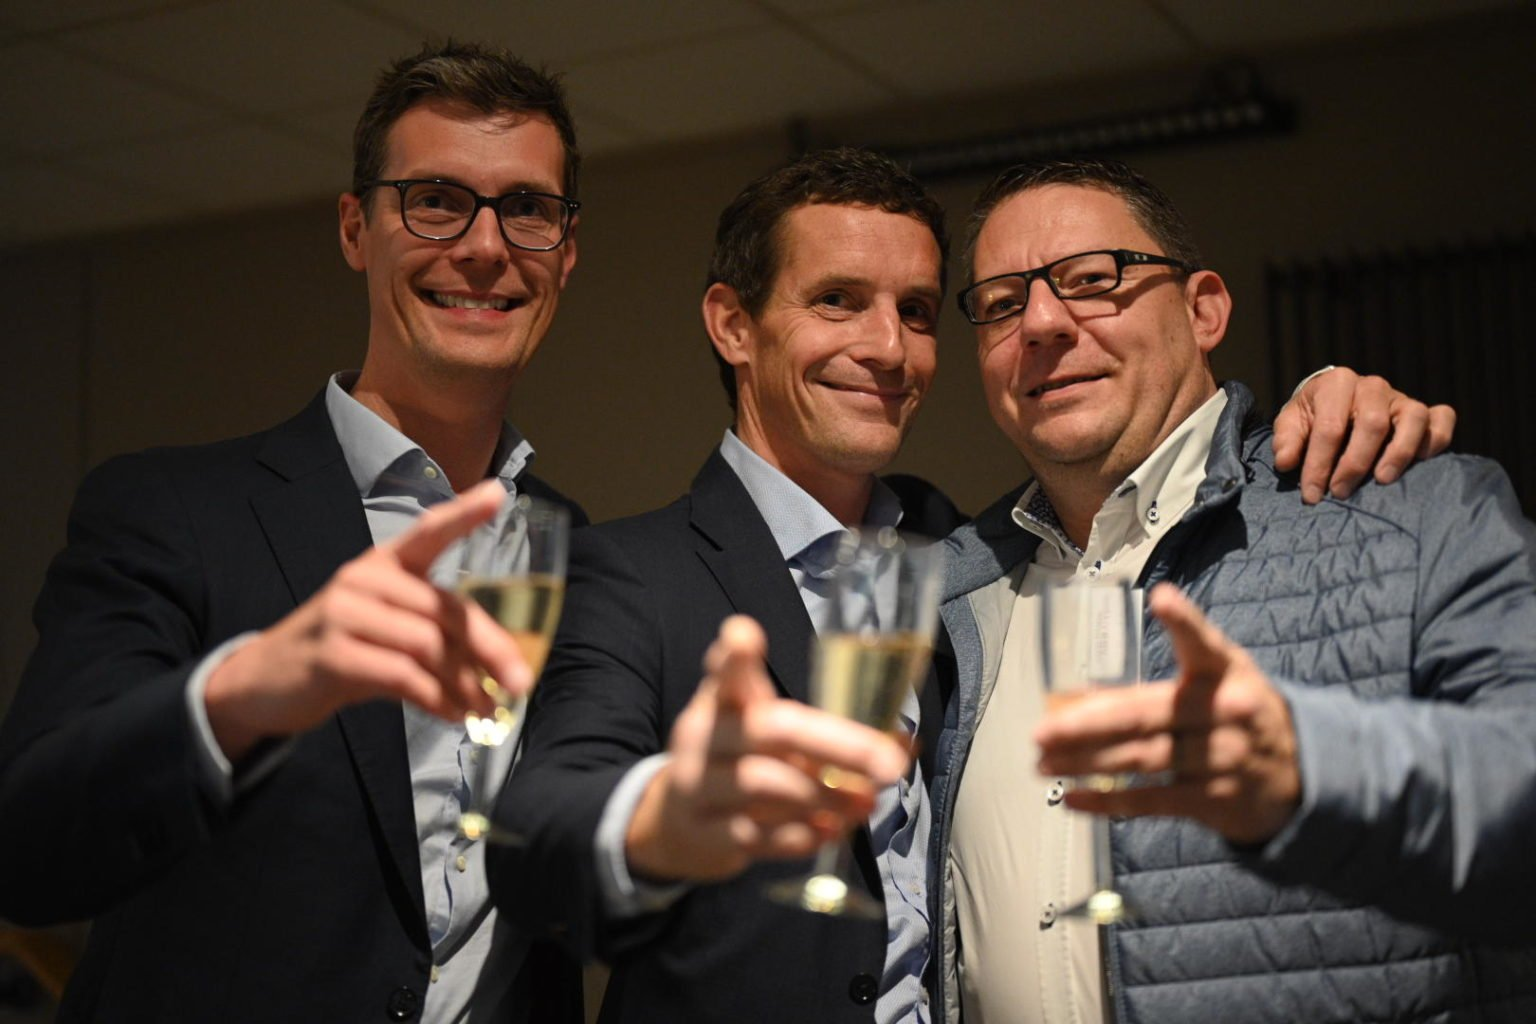 Public, Nuit des entrepreneurs inspirants Charleroi, Aurore Delsoir photographie